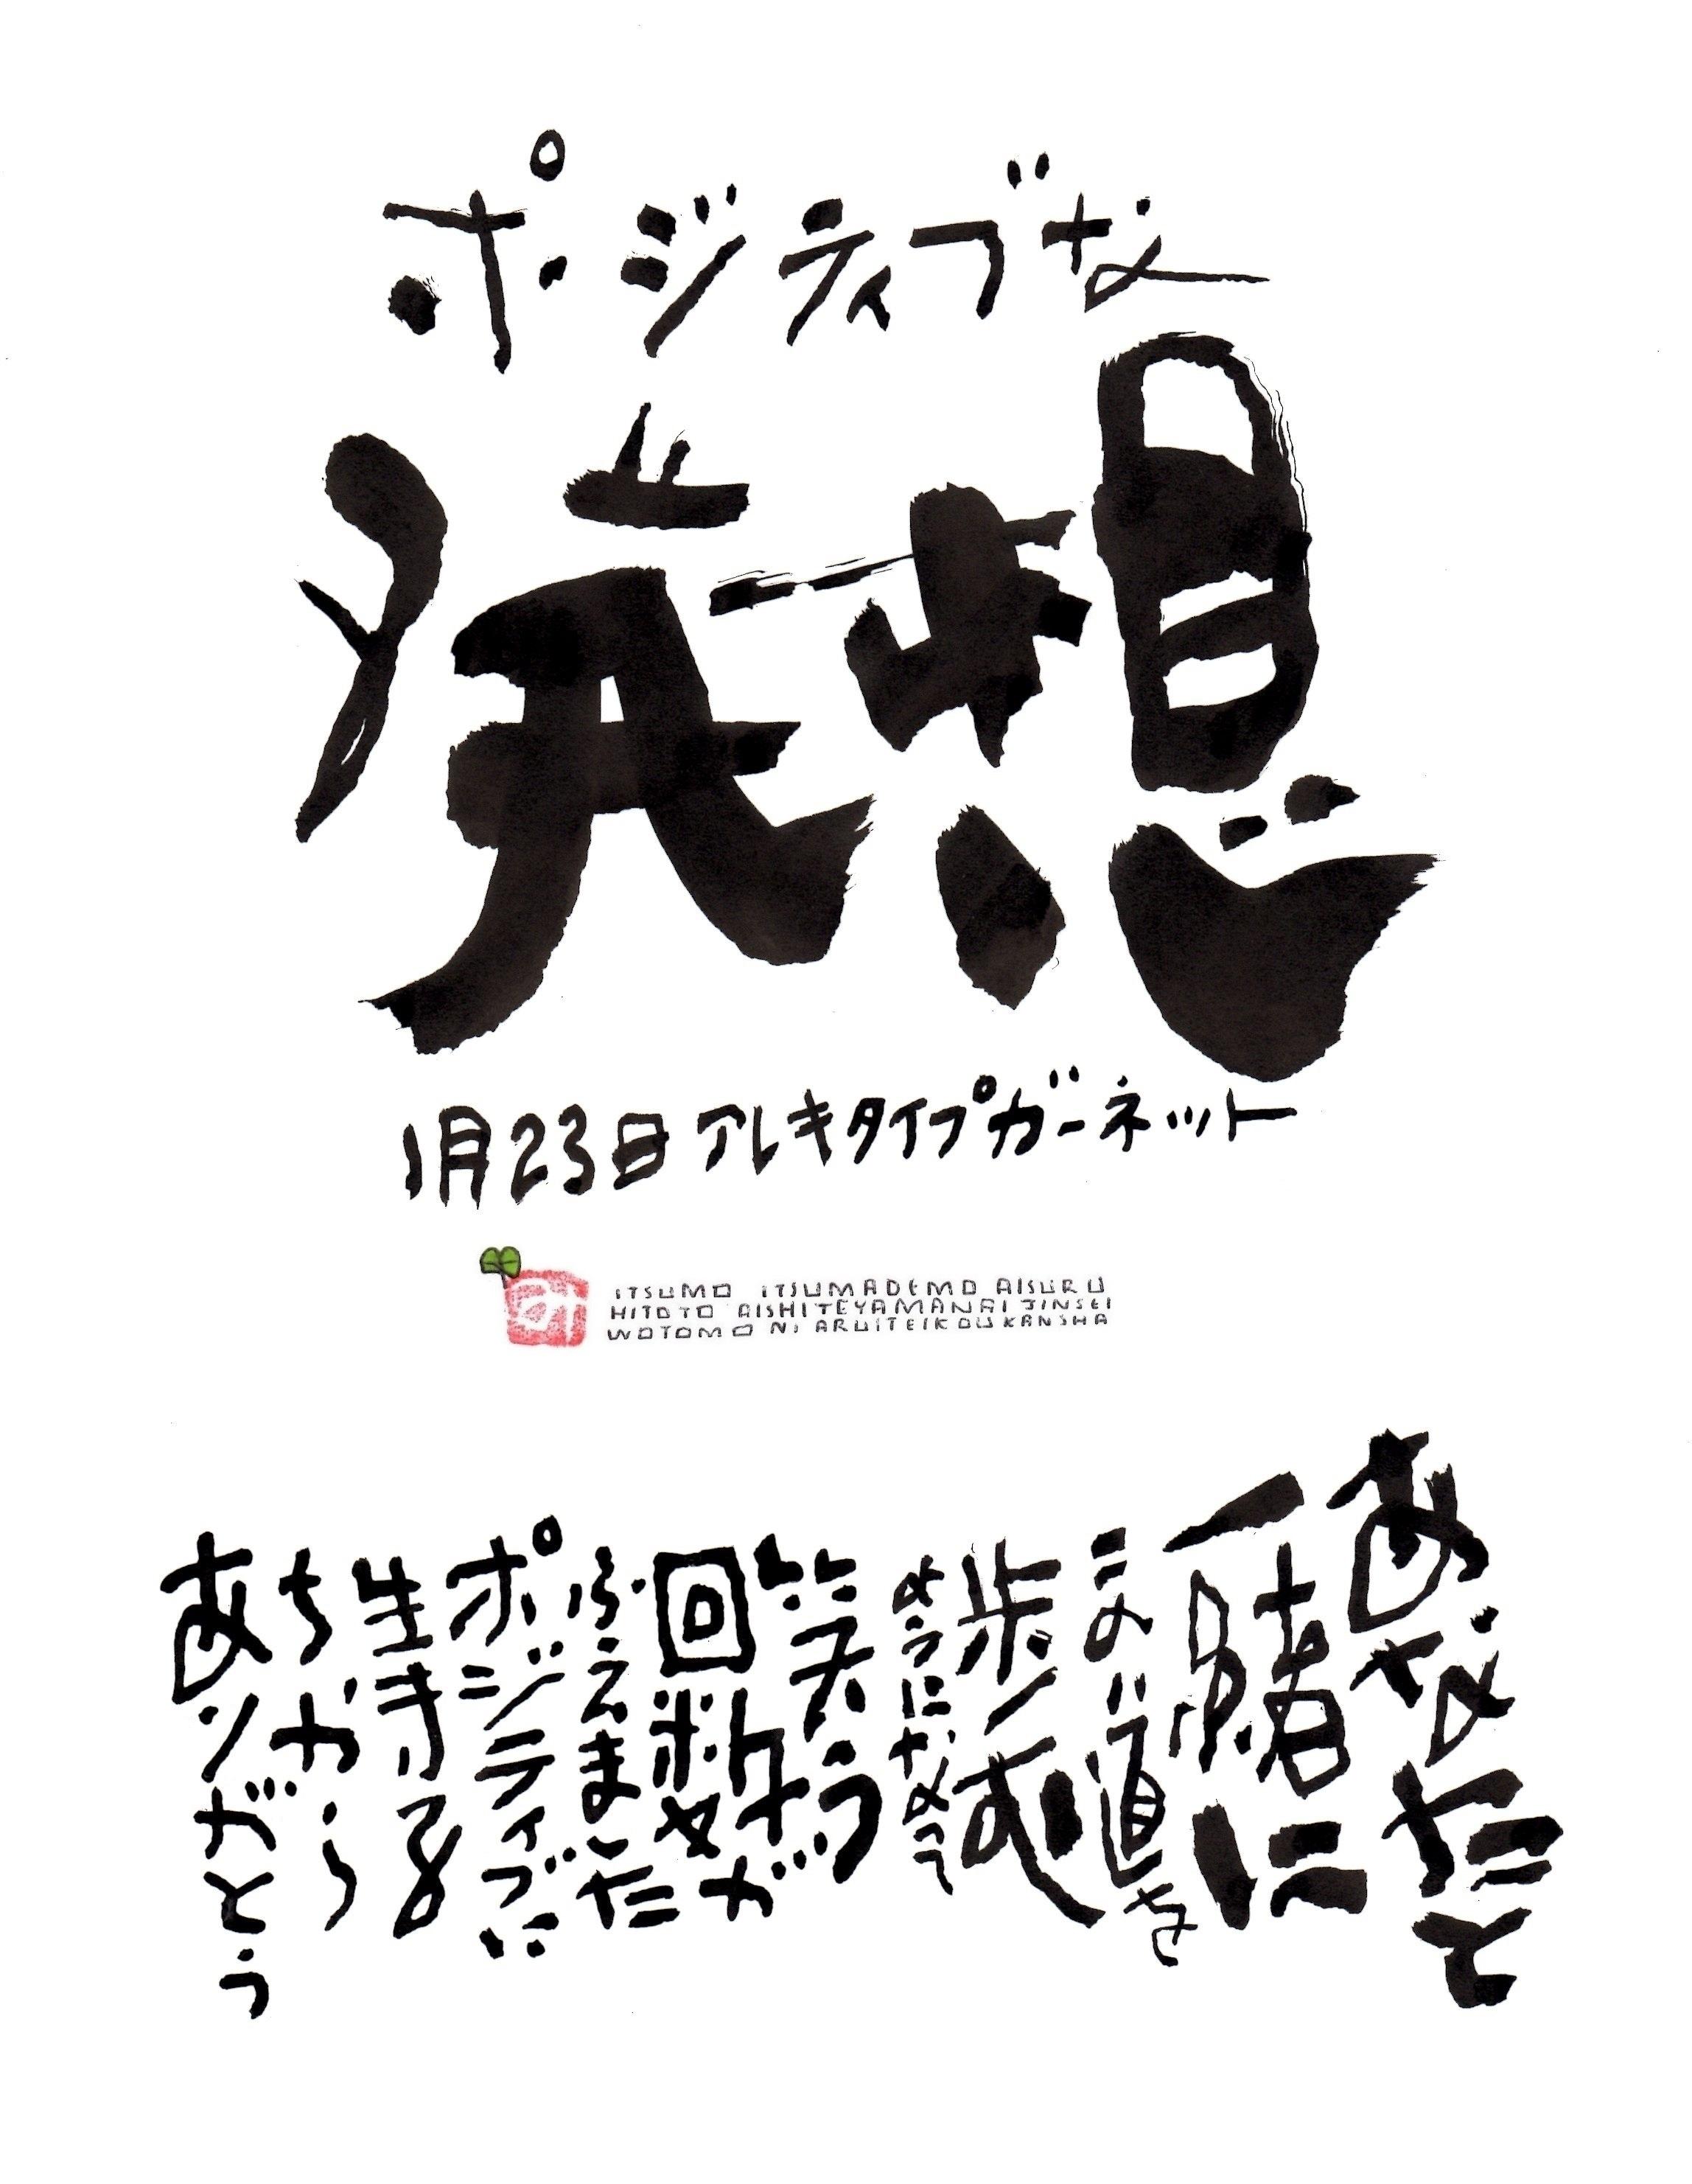 1月23日 結婚記念日ポストカード【ポジティブな発想】